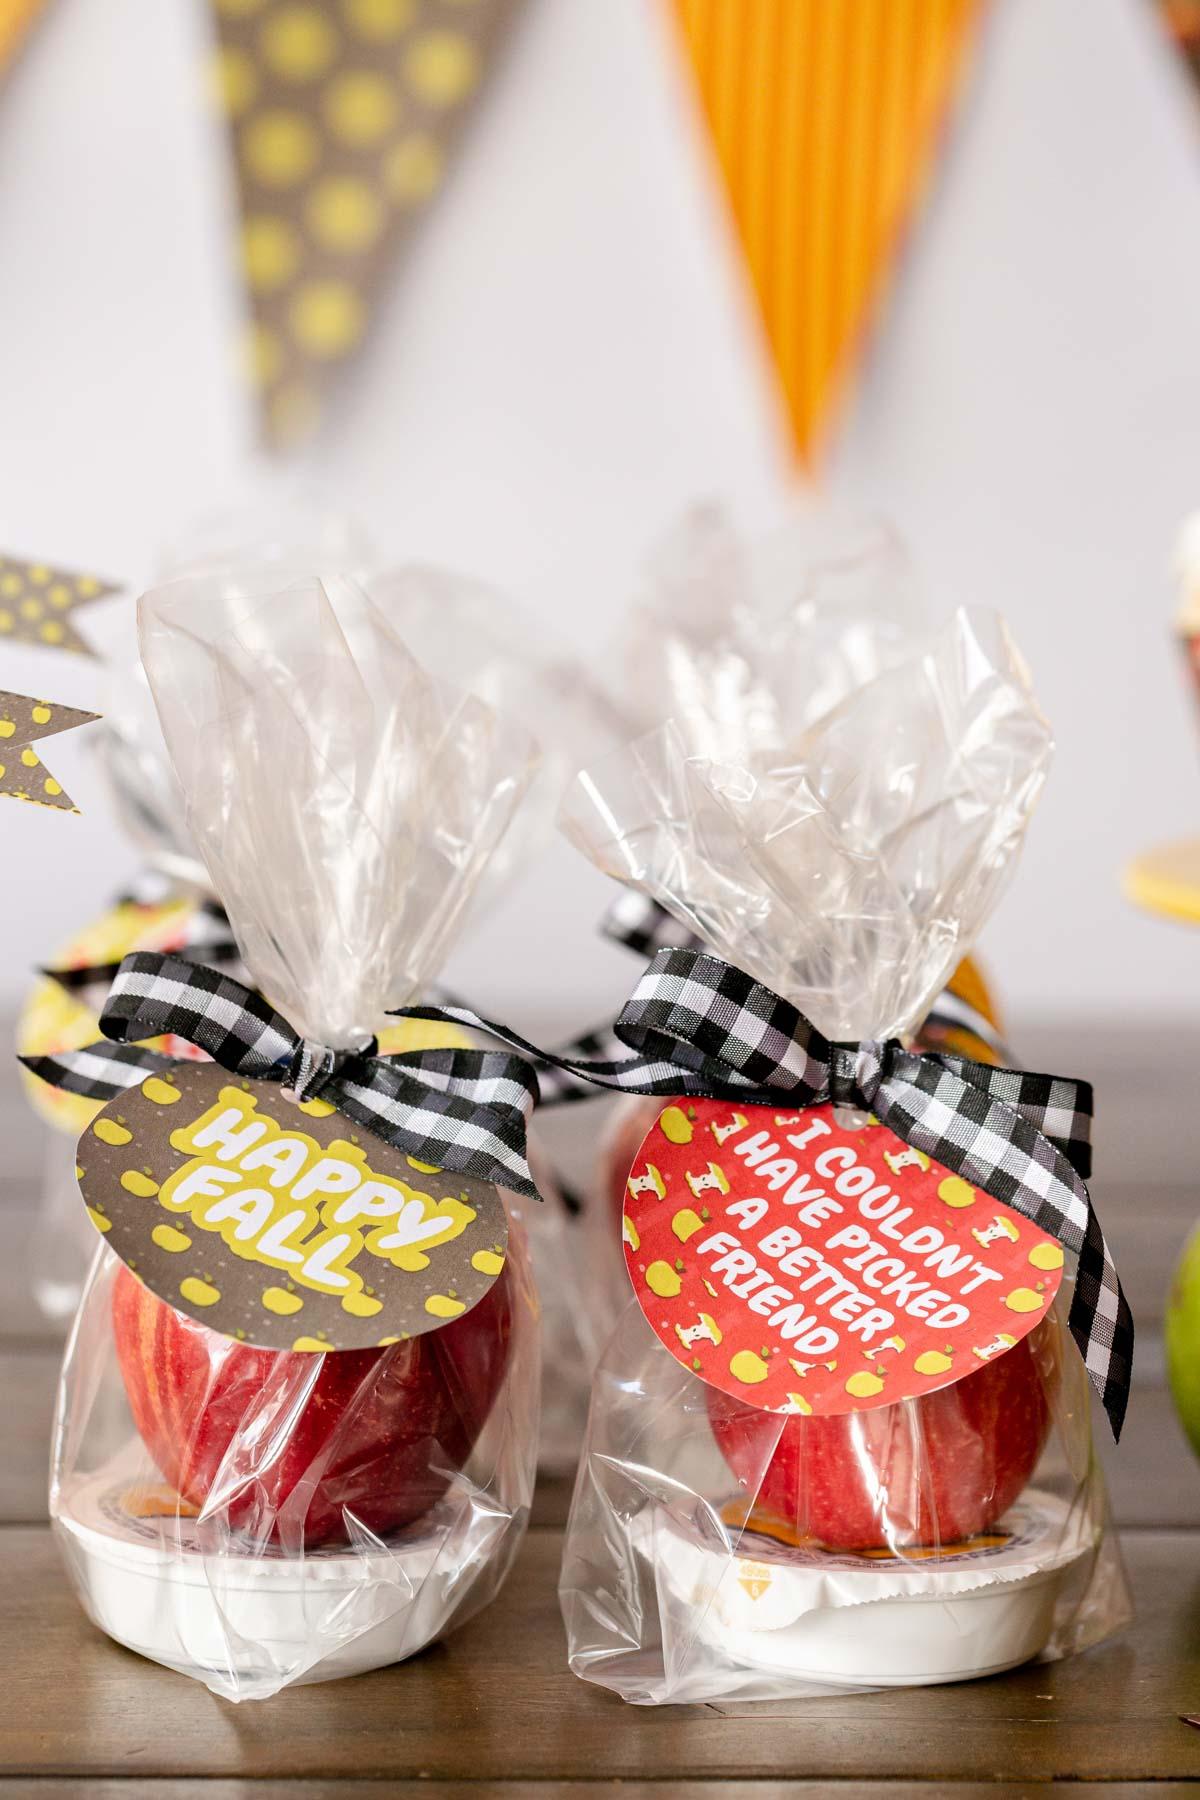 caramel apple favors in bags